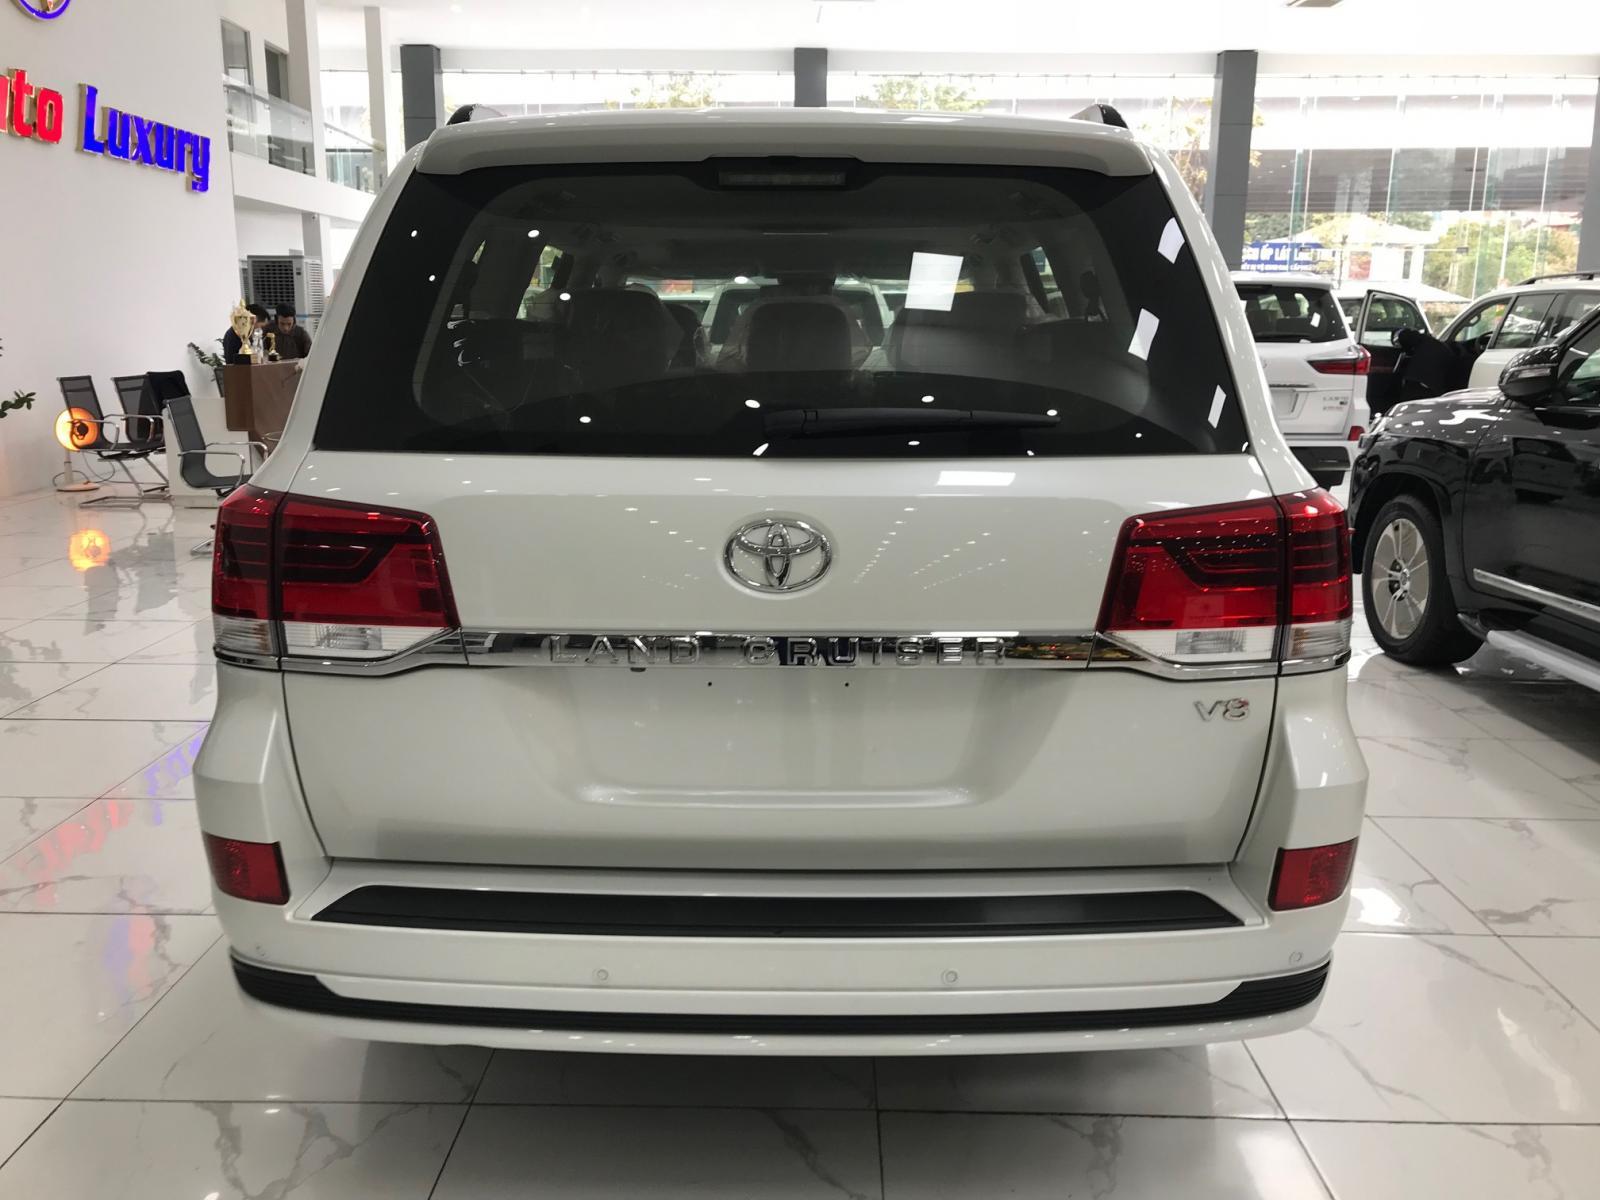 Bán Toyota Landcruiser Executive Lounge 4.6V8 2021 xuất Trung Đông nhập mới 100% bản ful nhất